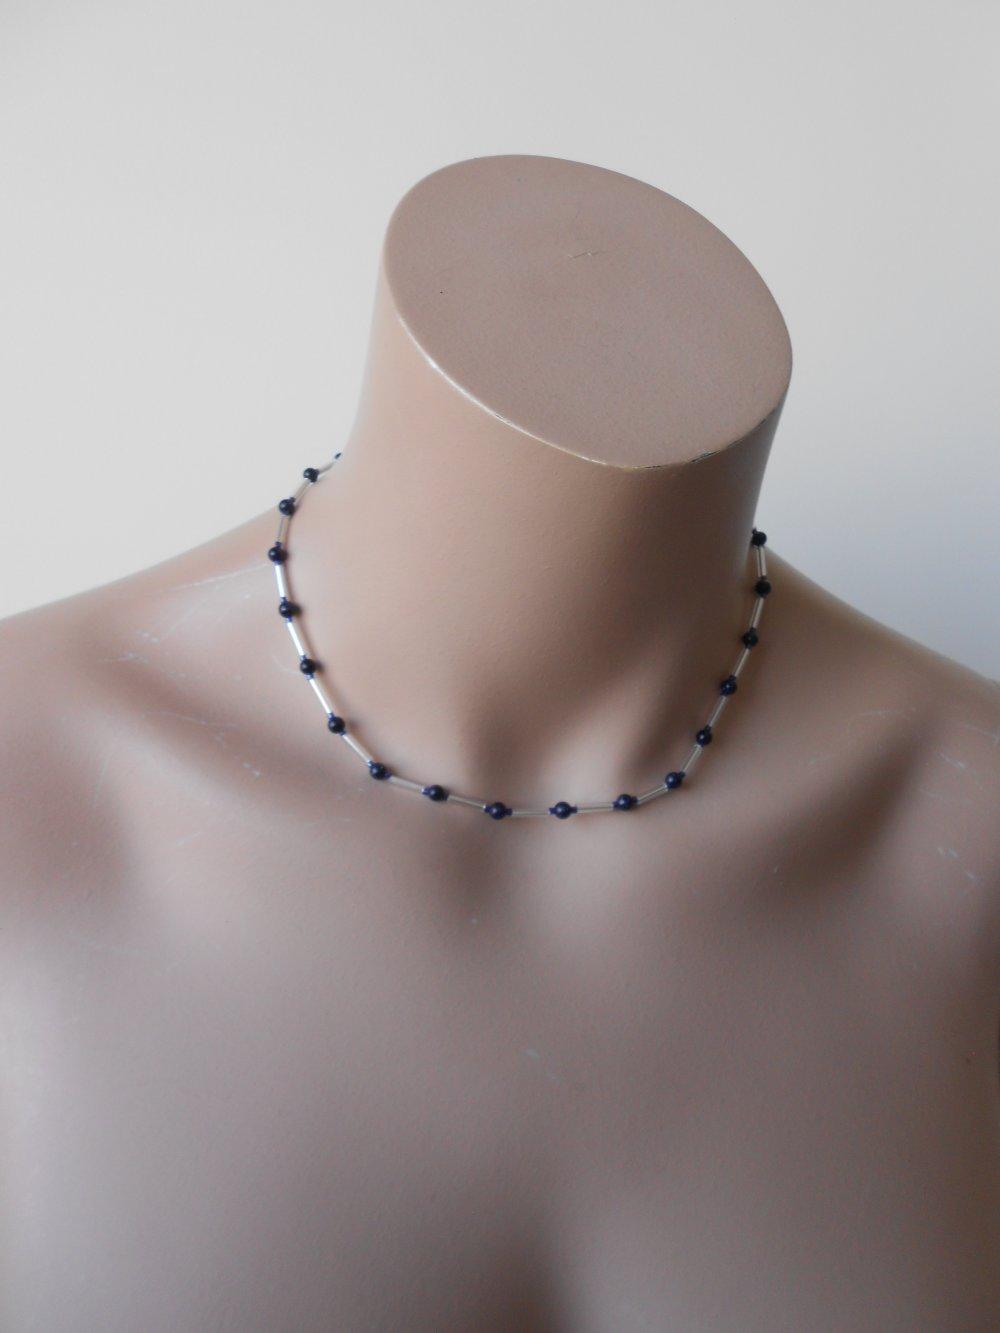 COLLIER pierre de soleil bleu nuit, bijou fait main, collier pierres naturelles, collier femme